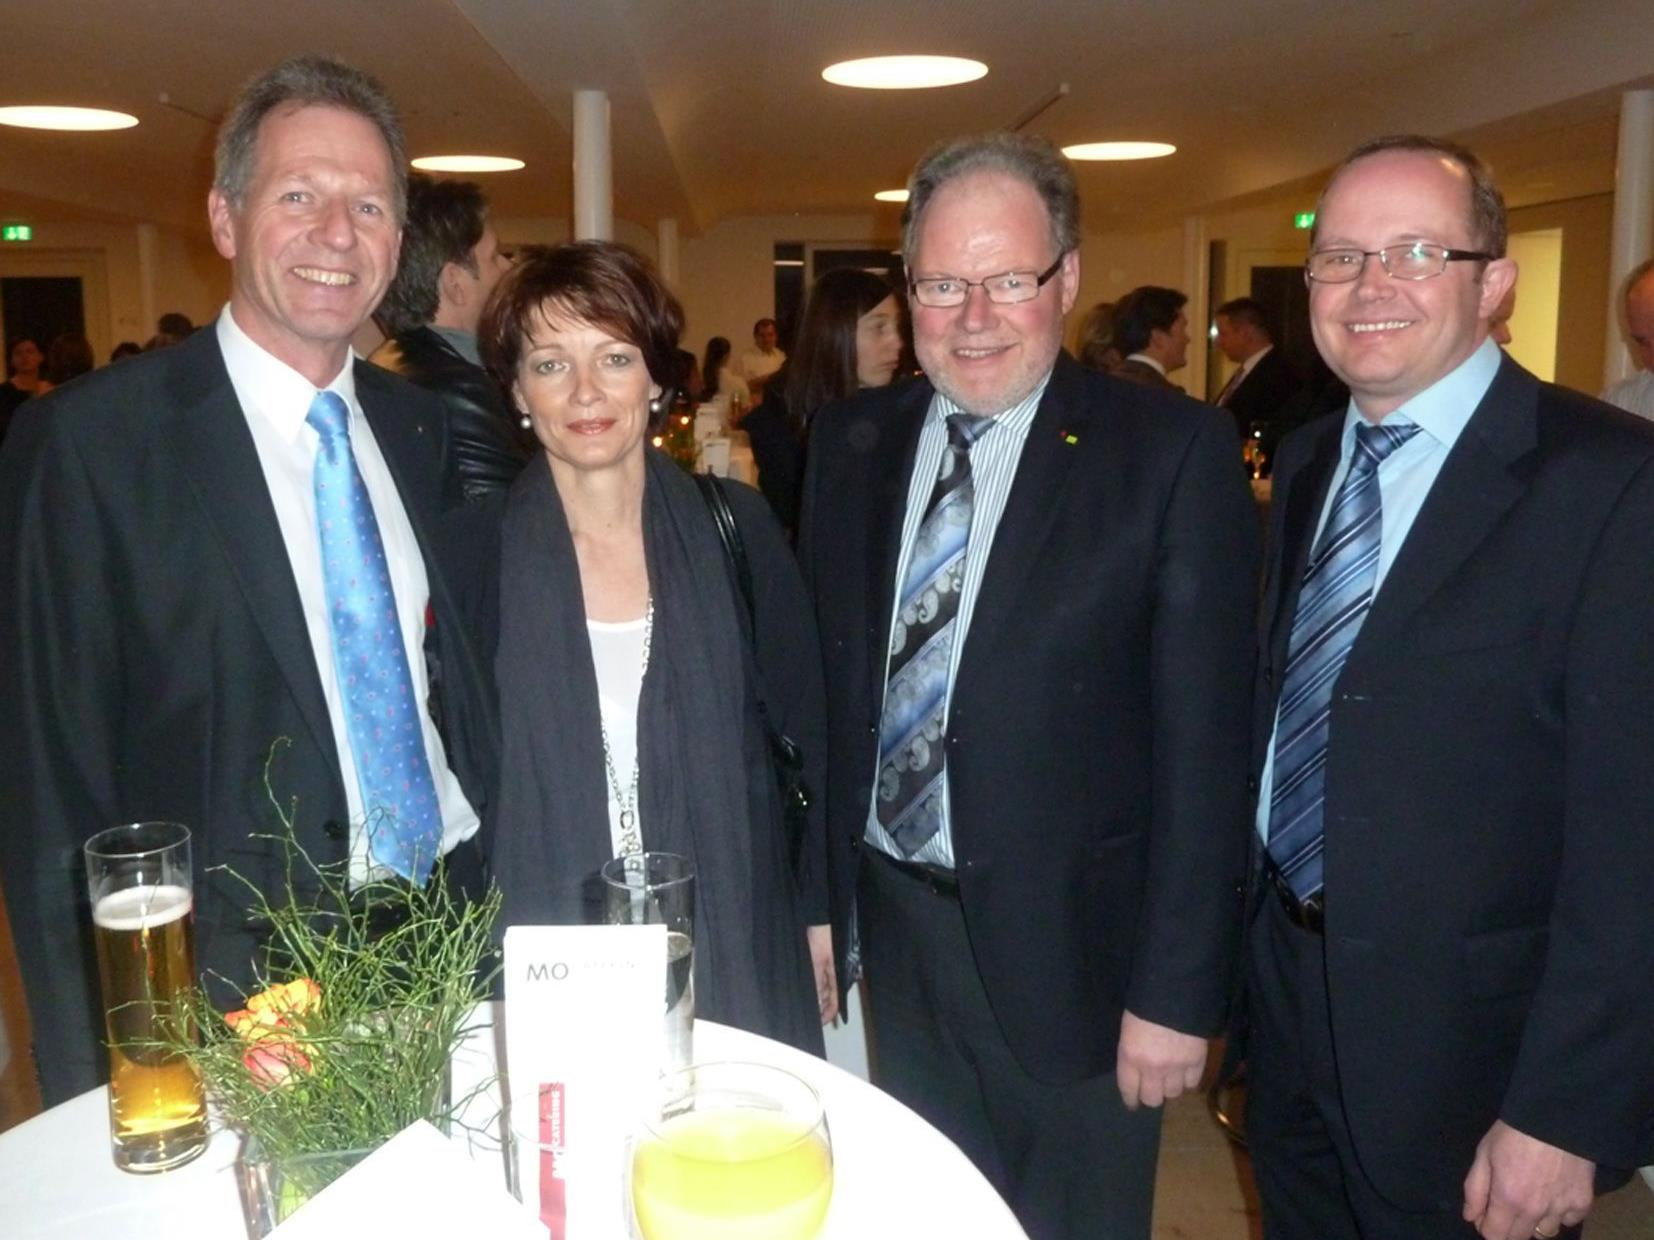 Bgm. Richard Amann mit Anni, Bgm. Werner Huber und StR. Charly Dobler beim Neujahrsempfang.